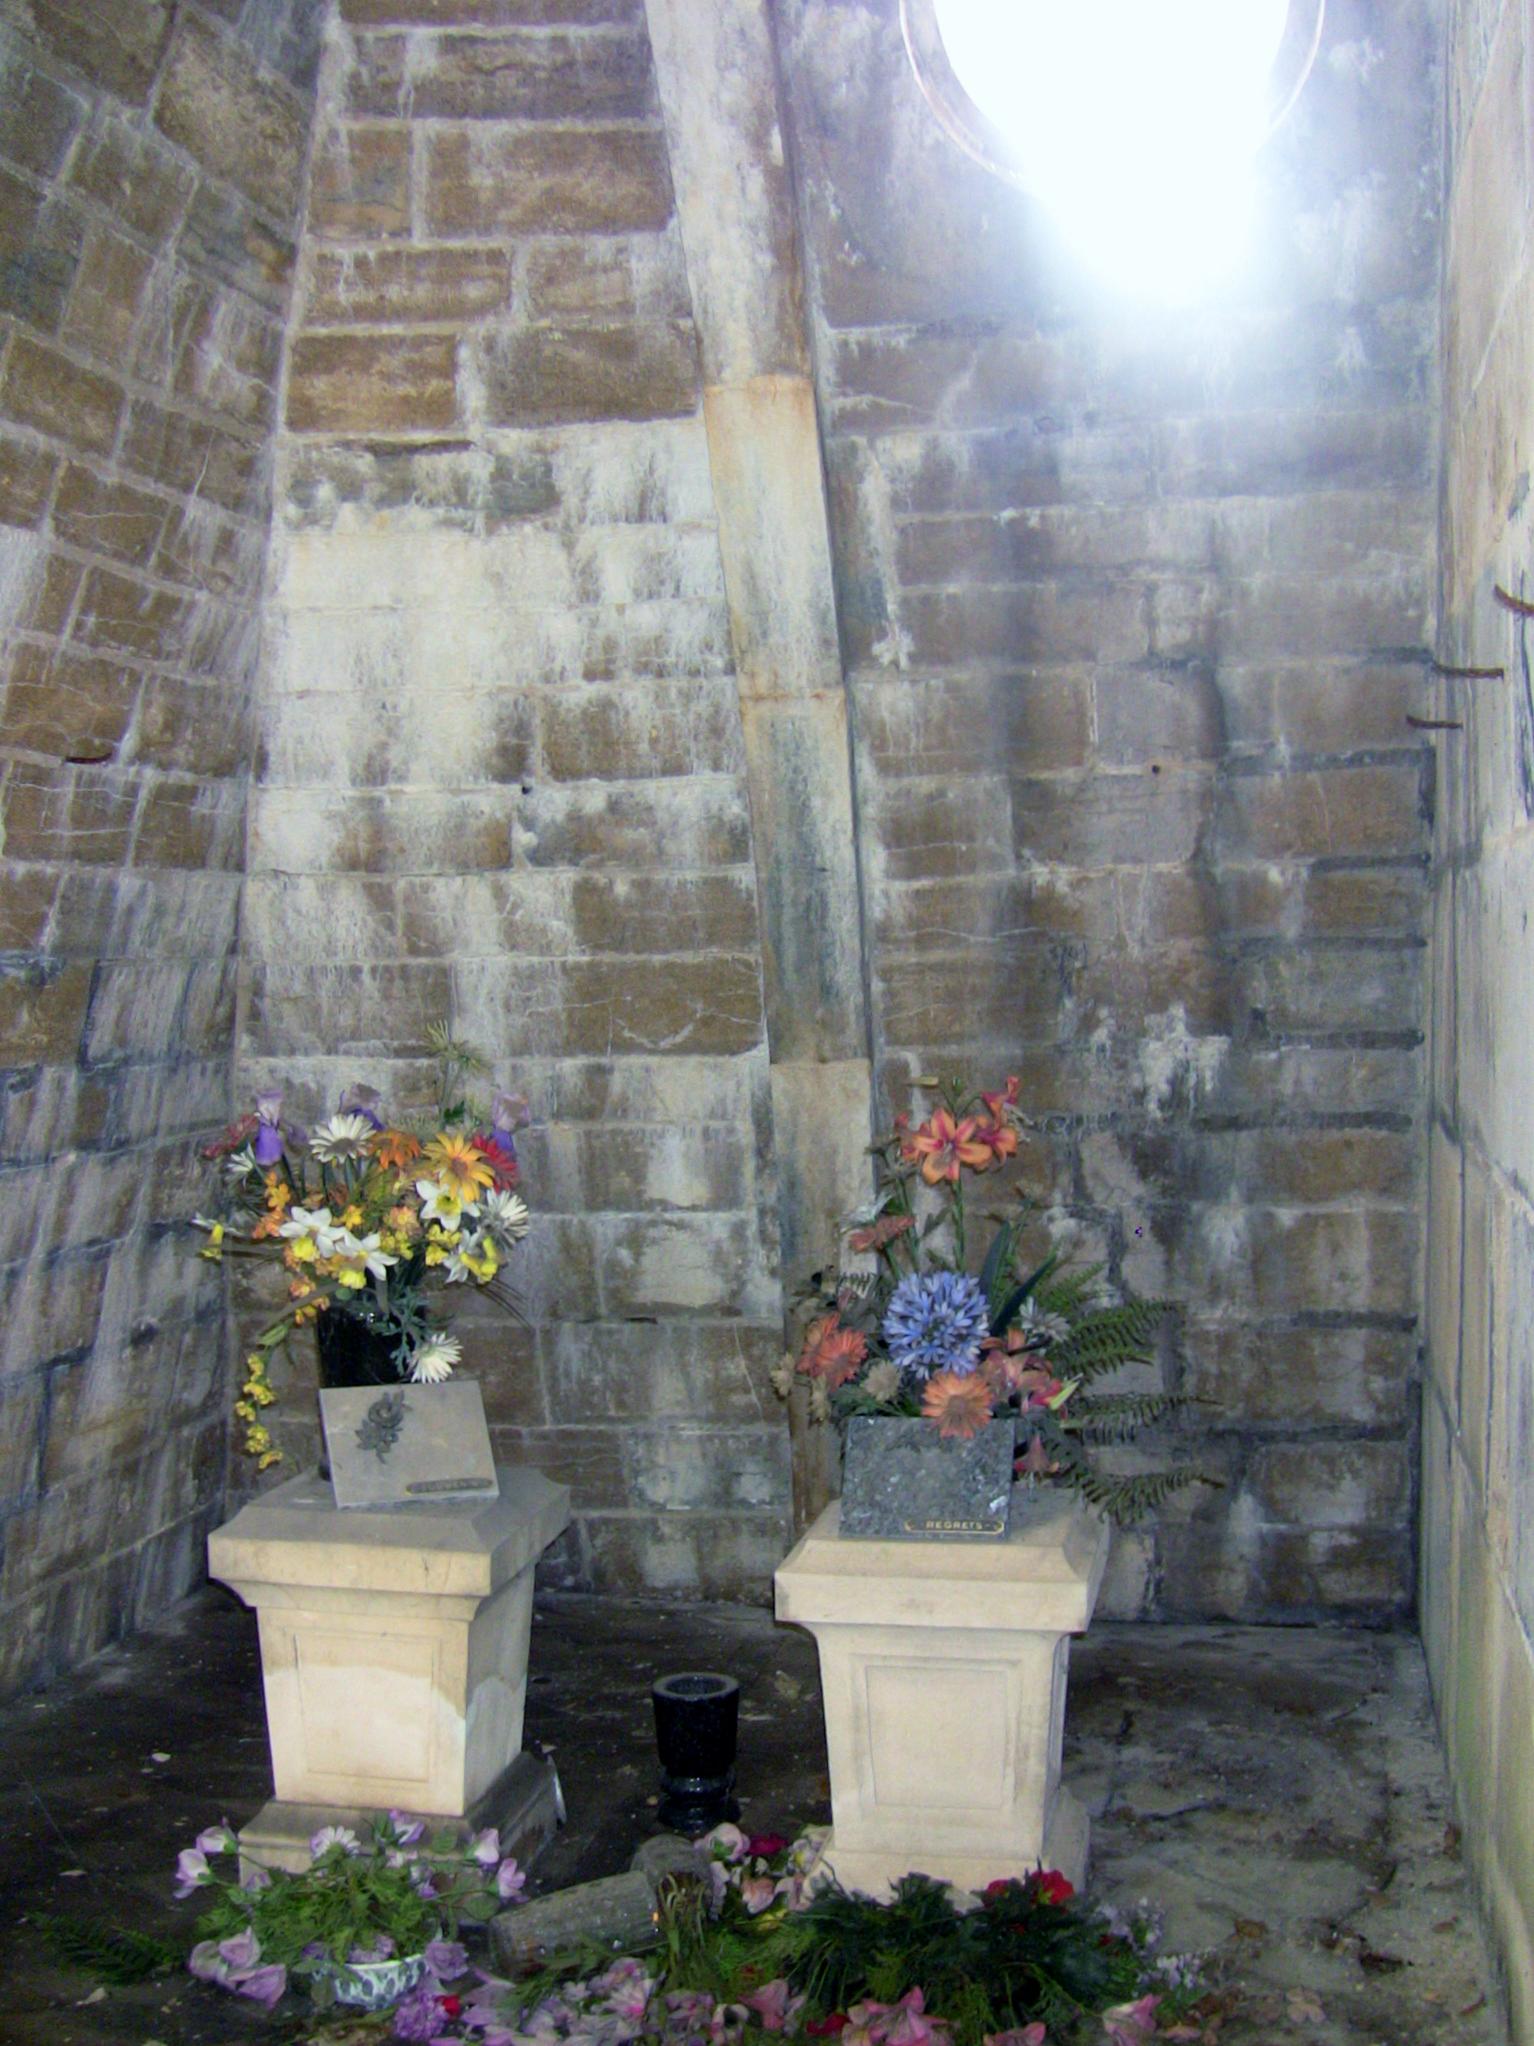 filecimetire juif de besanon intrieur pyramidejpg